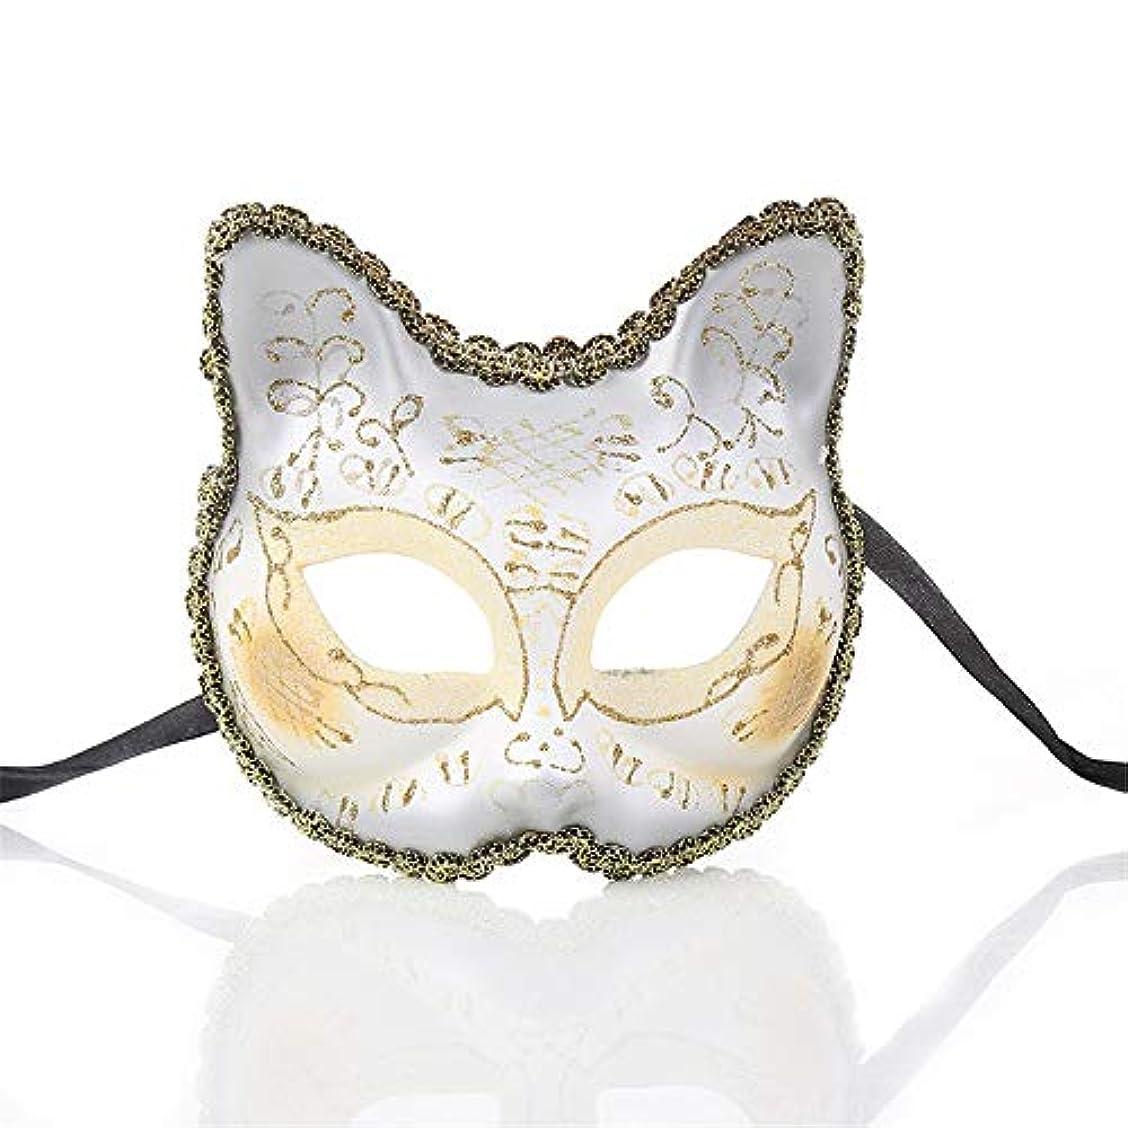 ボイド才能滑りやすいダンスマスク ワイルドマスカレードロールプレイングパーティーの小道具ナイトクラブのマスクの雰囲気クリスマスフェスティバルロールプレイングプラスチックマスク ホリデーパーティー用品 (色 : 白, サイズ : 13x13cm)